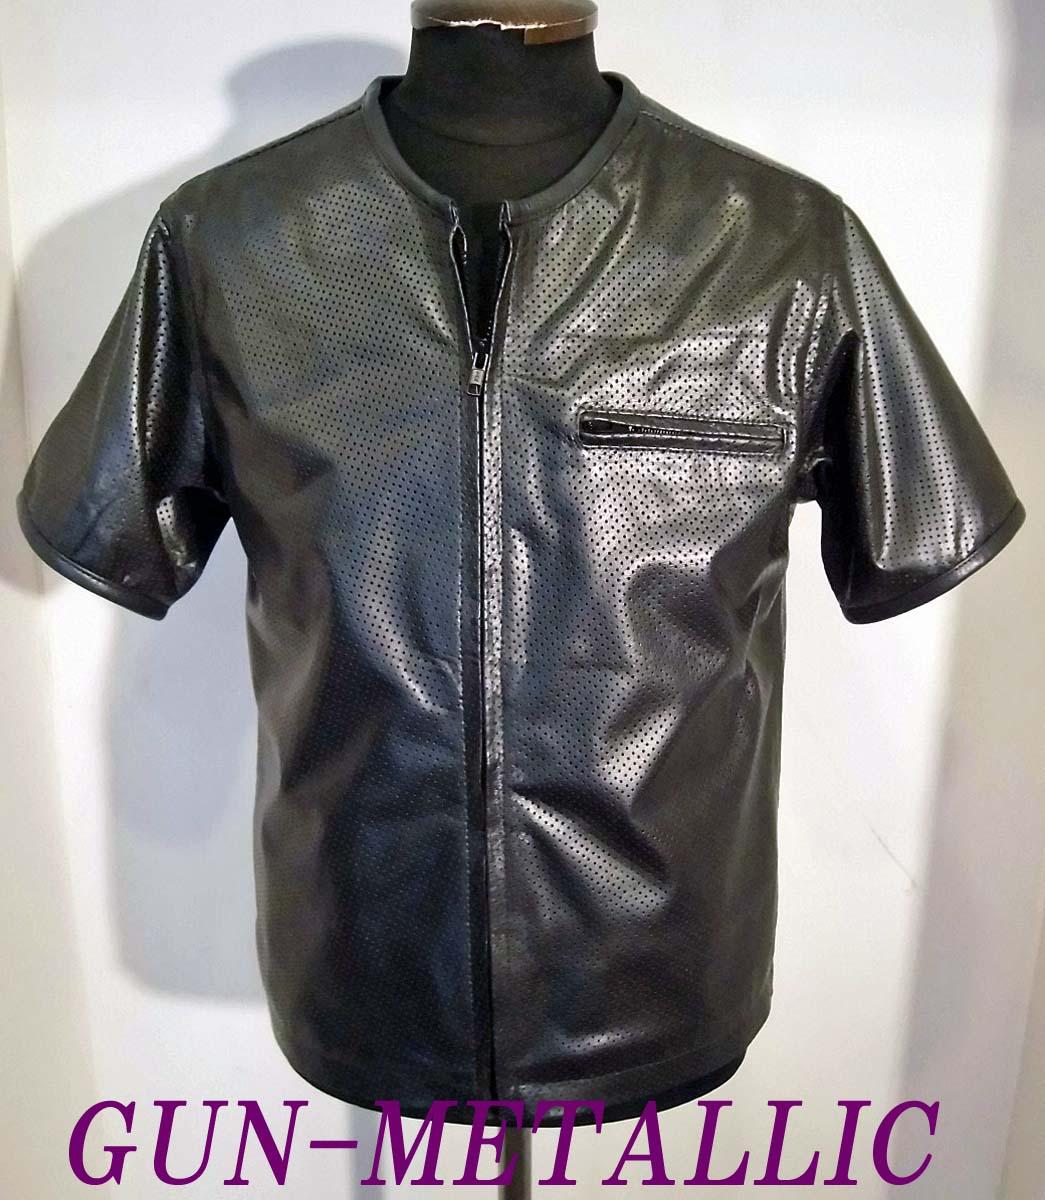 ライダース本革パンチングレザー半袖ZIPP-UPシャツBIGサイズ GUNMETALLIC-4Lサイズ